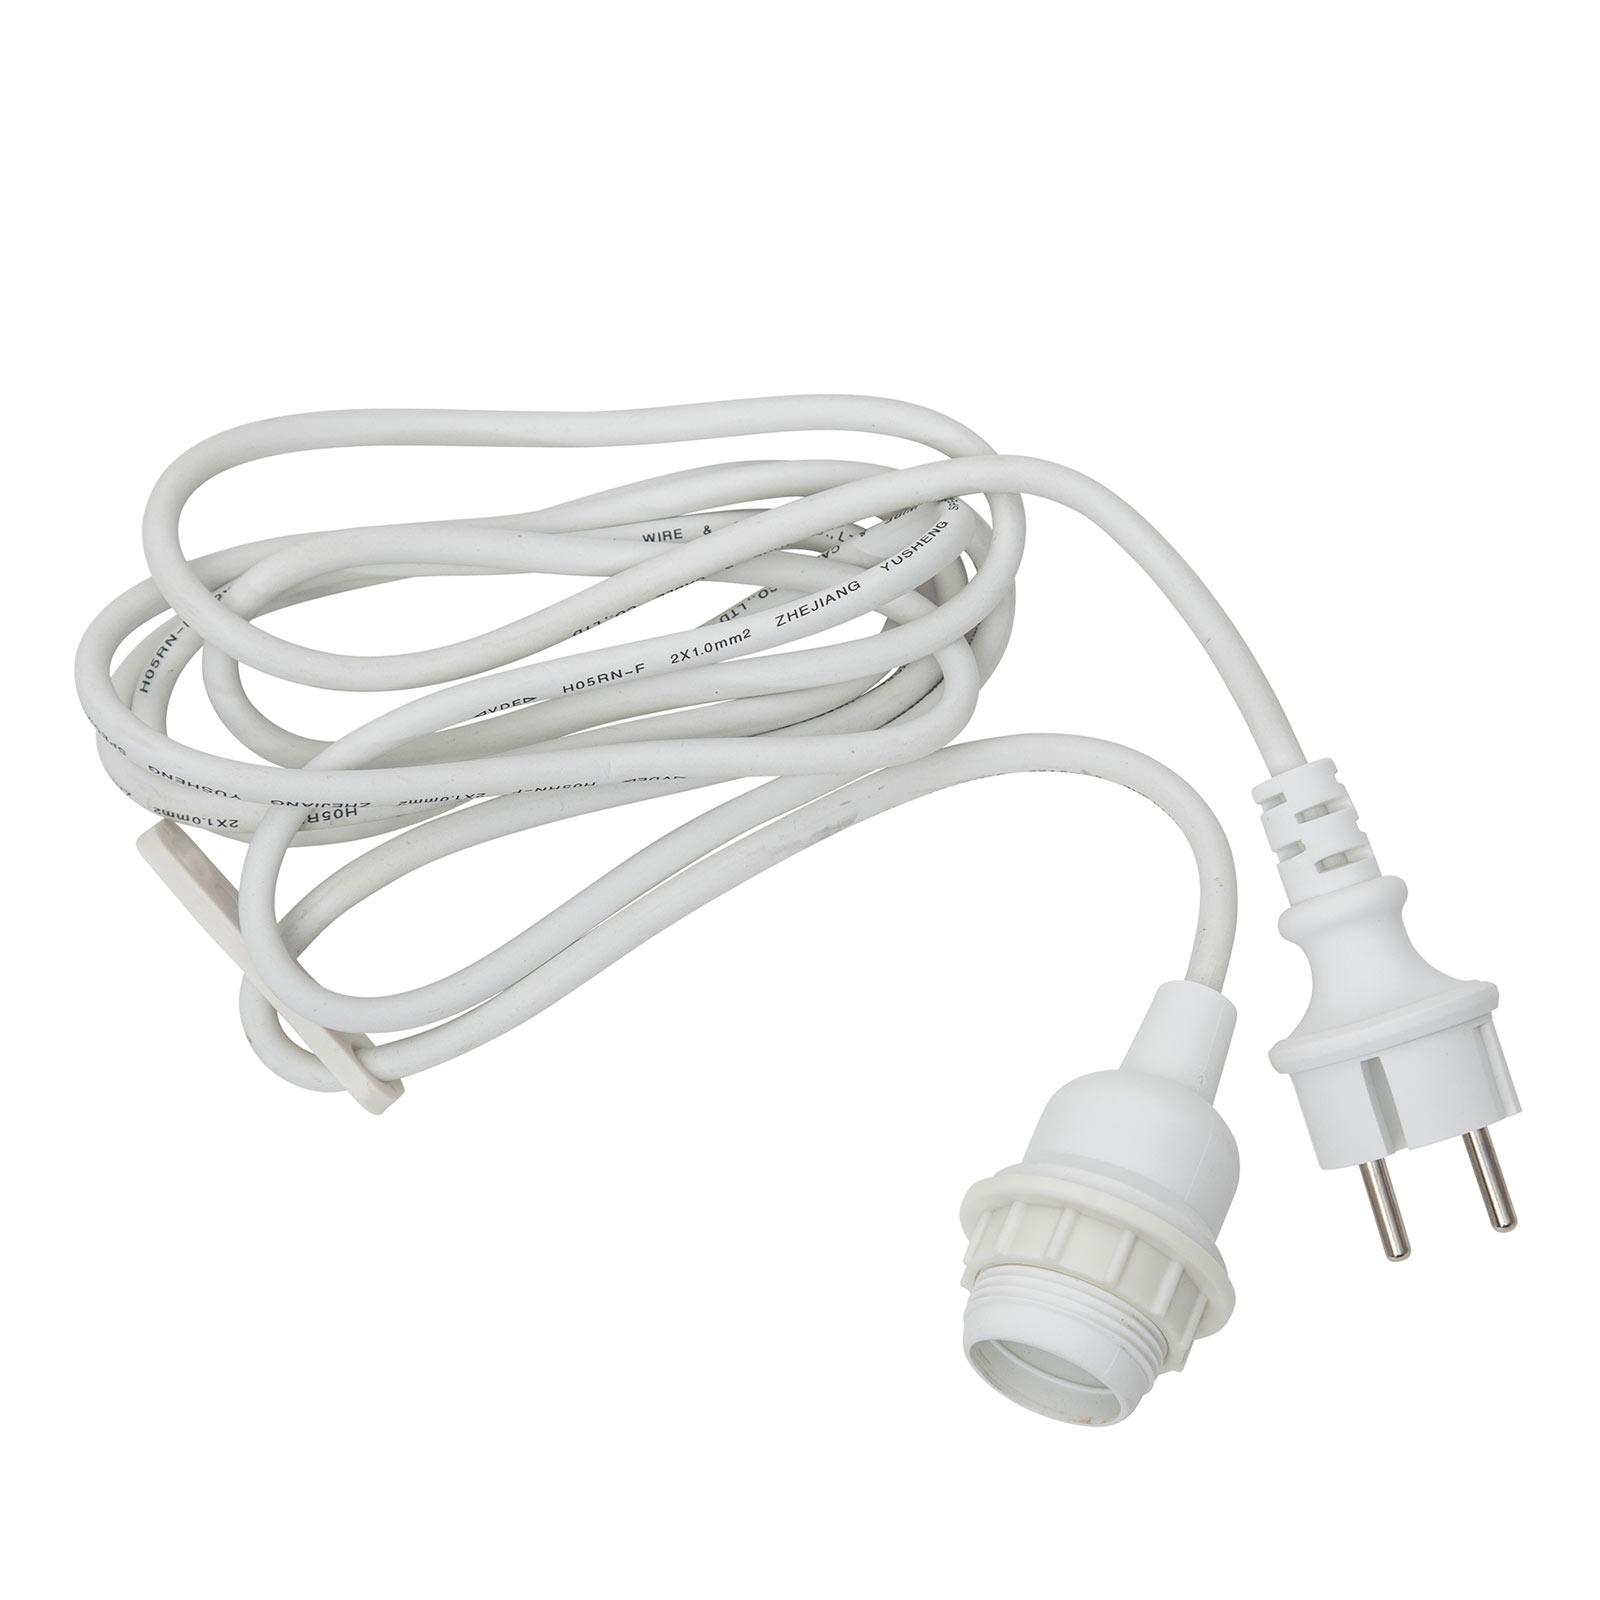 E27-fatning med kabel Ute, 2,5 m, hvit